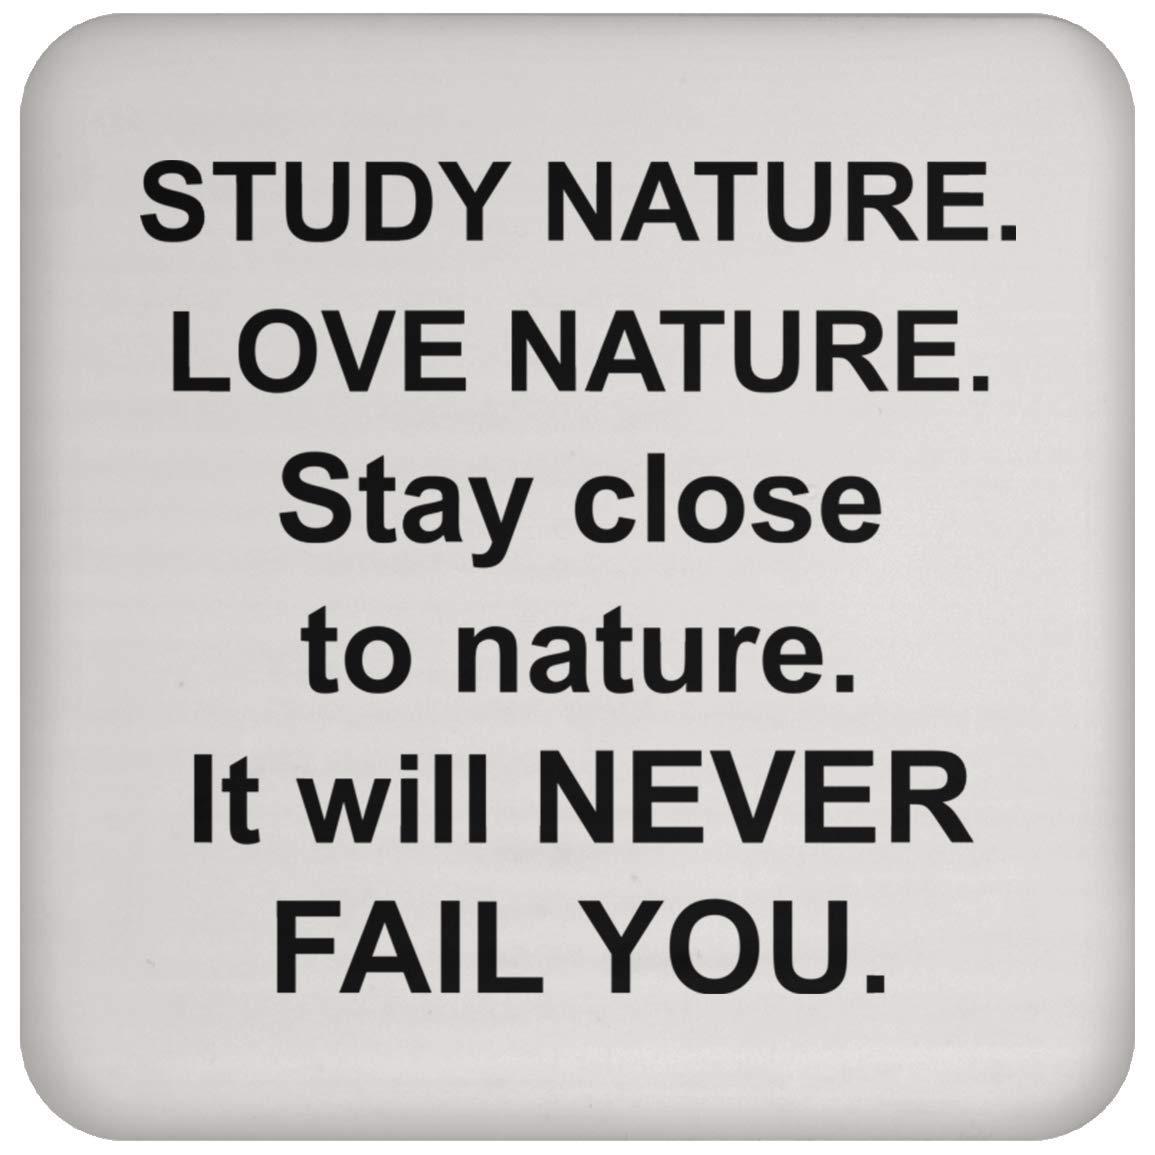 自然コースター - コーヒーティードリンク - 面白いノベルティギフトアイデア 自然キャンプ愛好家 - 101317   B07PQXQRHQ